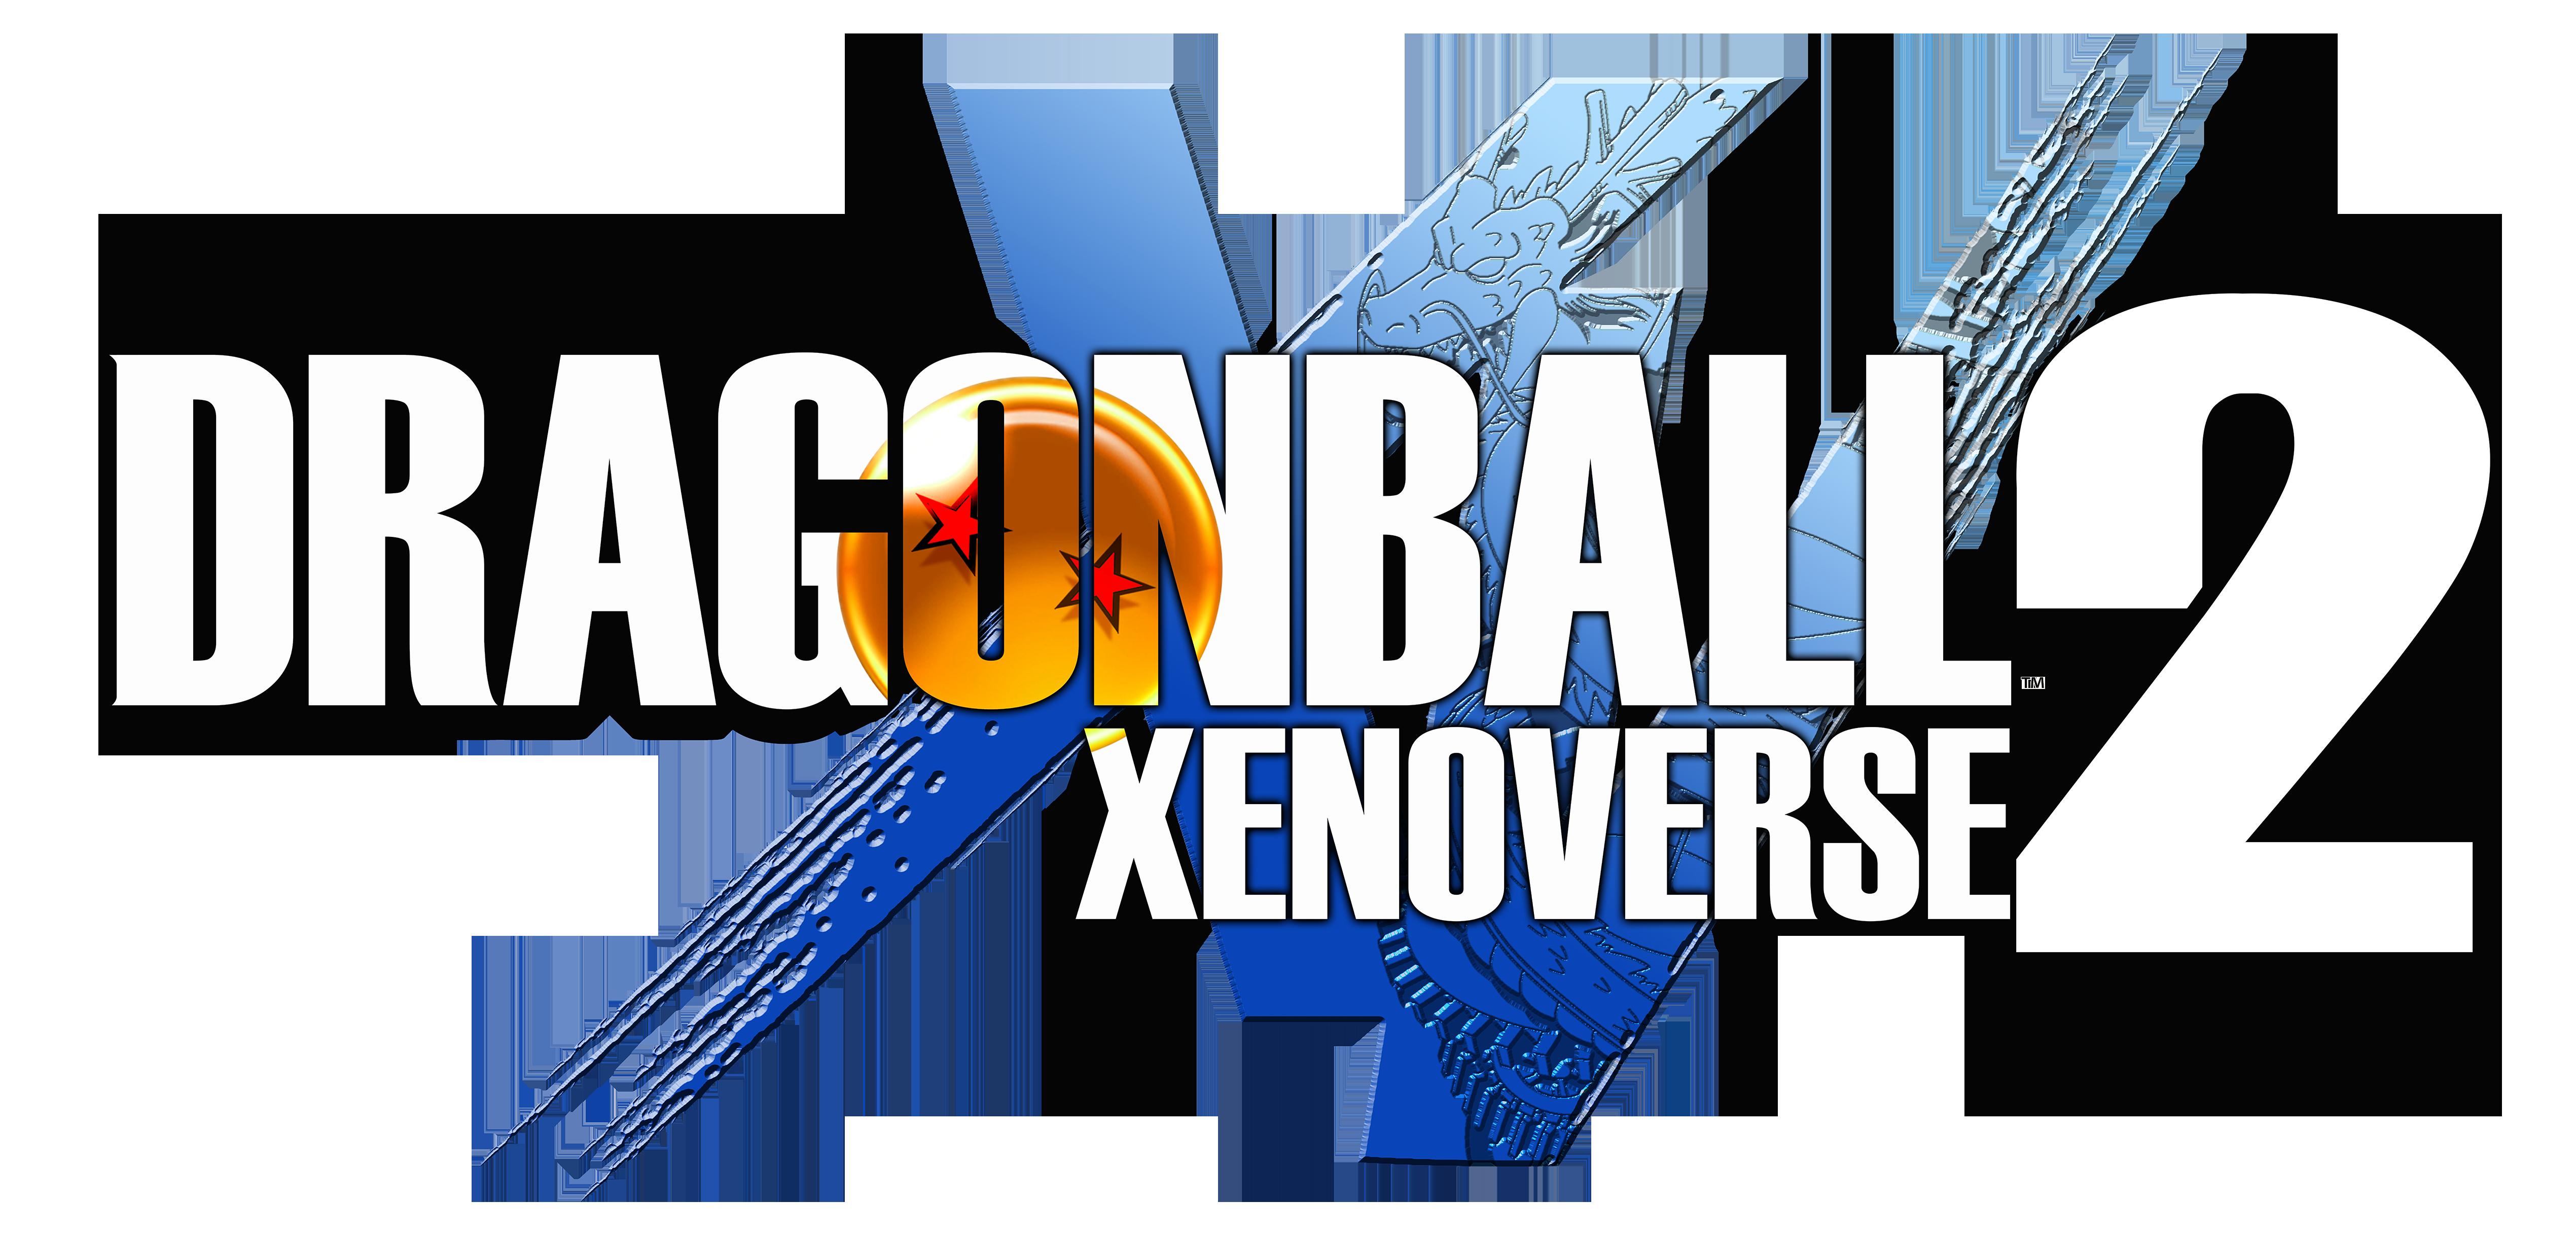 E3 Preview: Dragon Ball Xenoverse 2